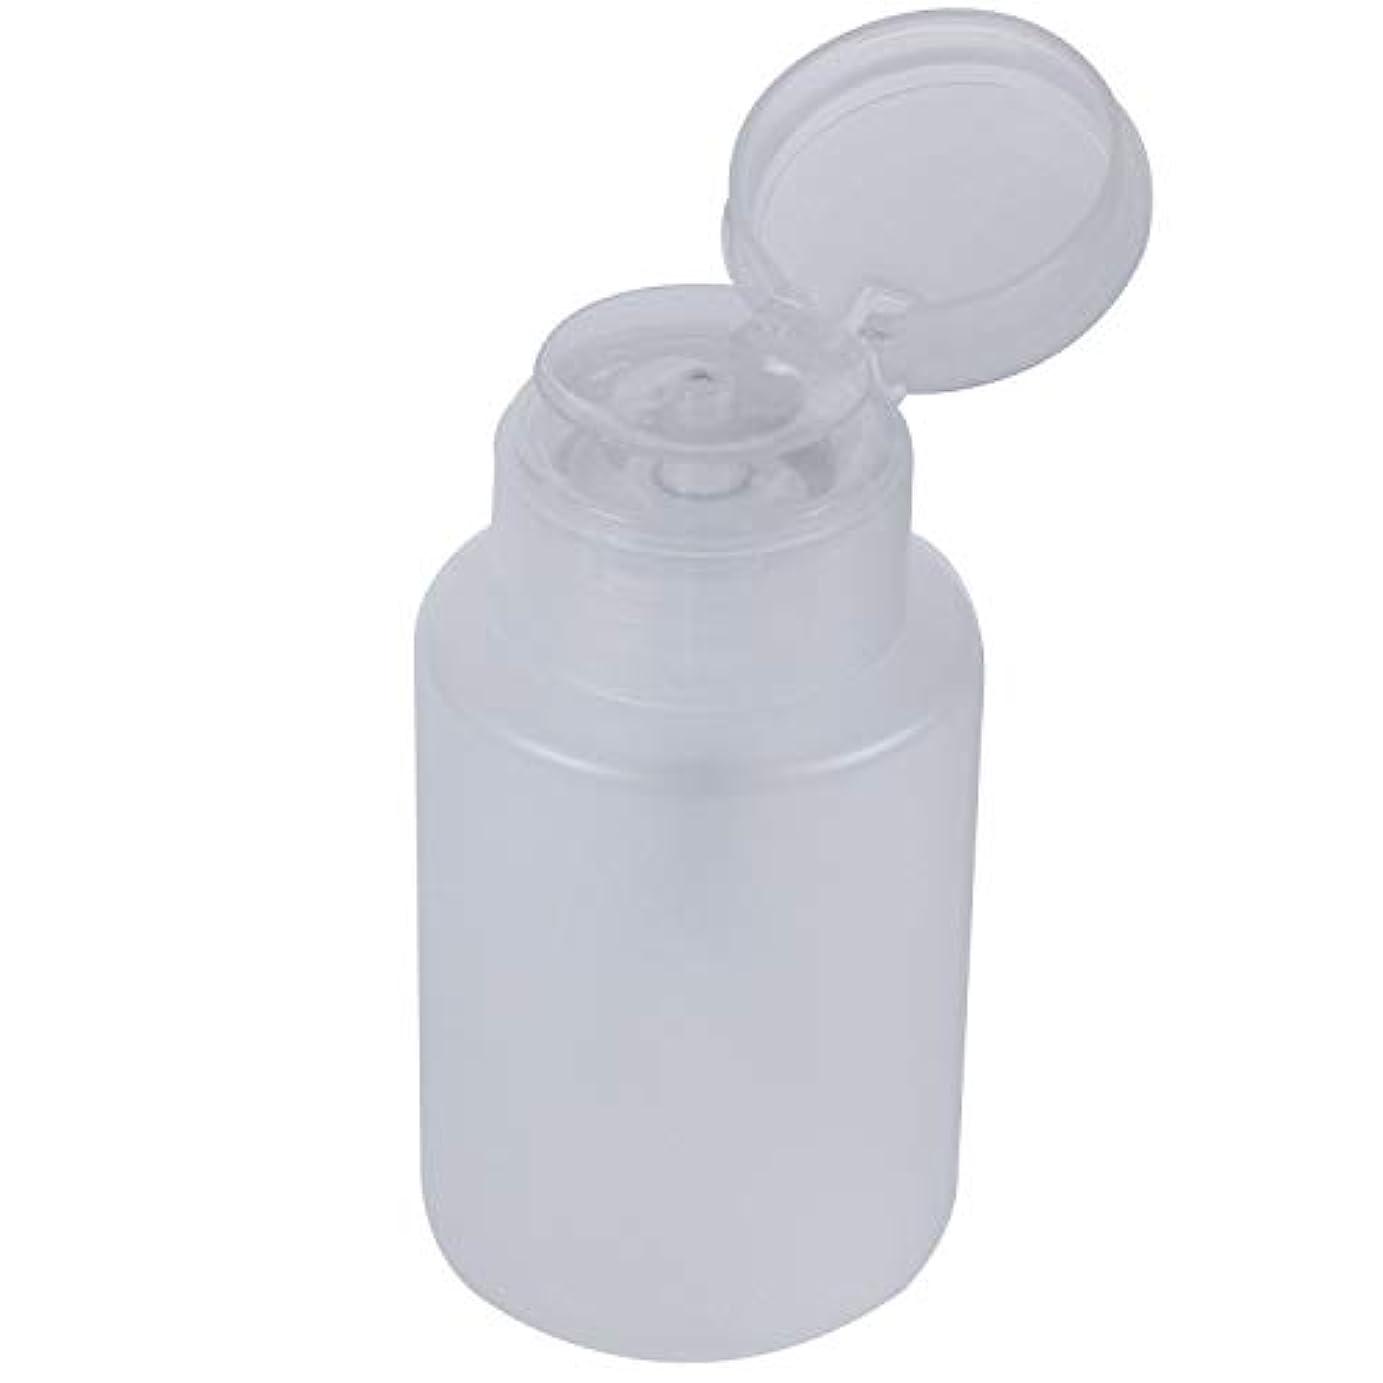 正統派虫咽頭Vaorwne リフィルマニキュアリムーバーボトルコンテナネイルエンプティポンプディスペンサー120ml